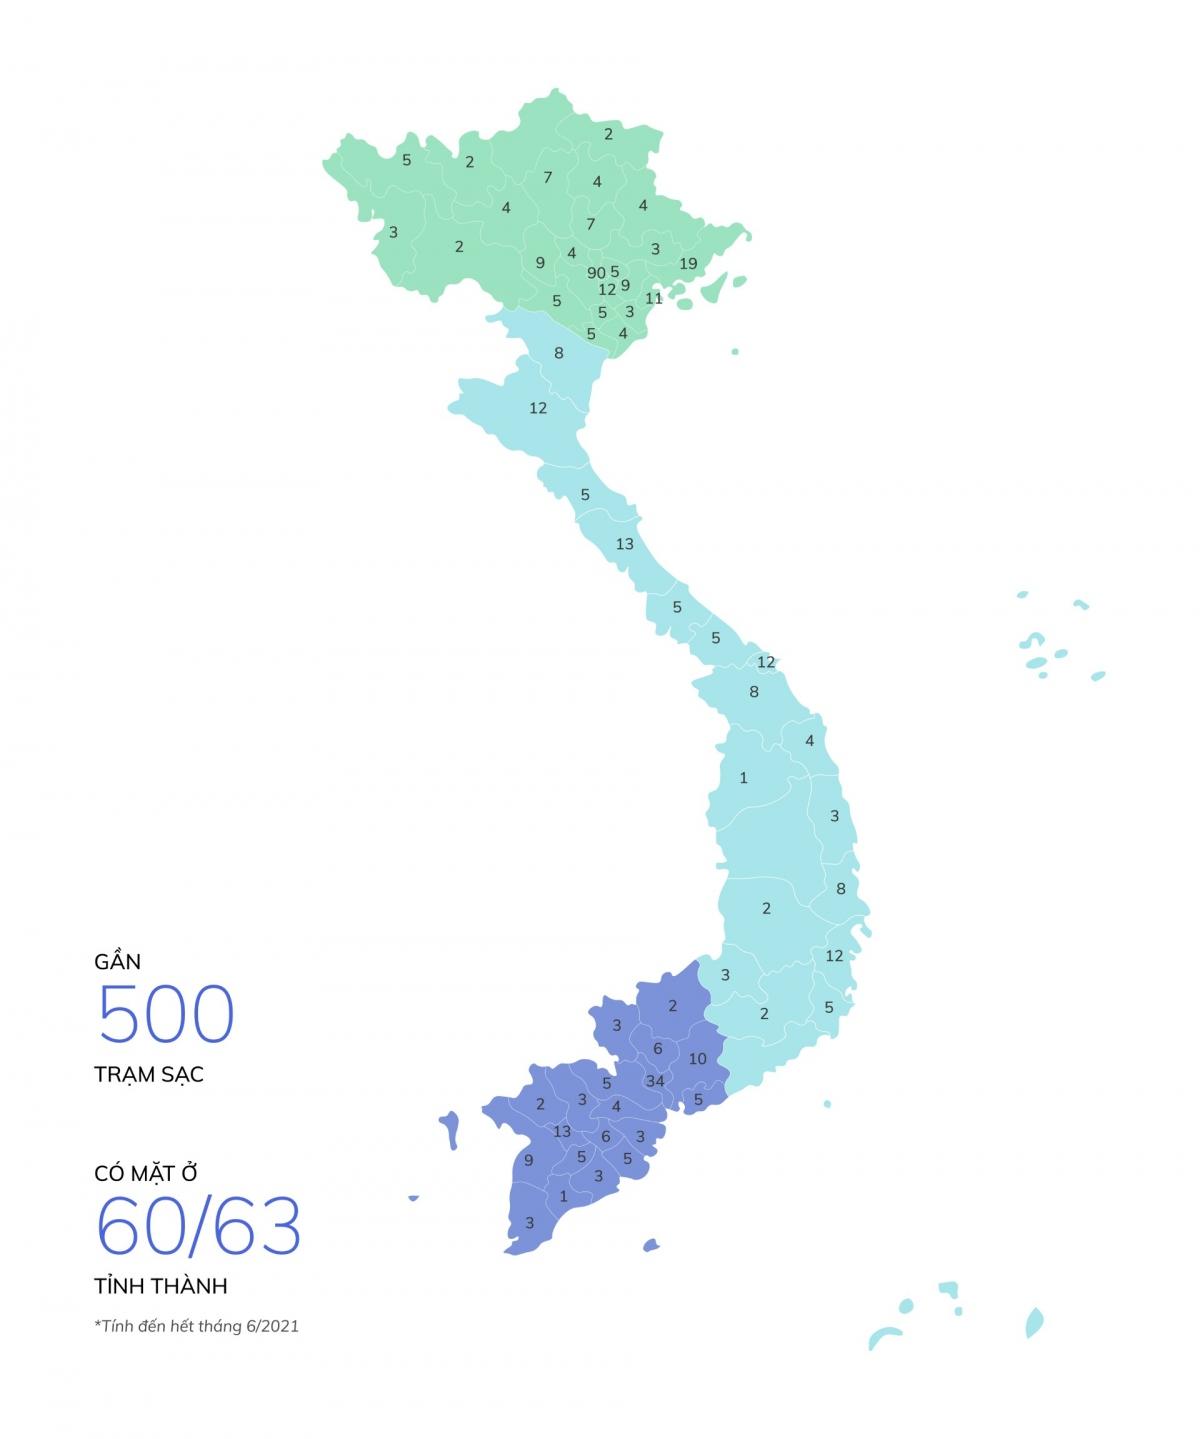 Mạng lưới trạm sạc đã được lắp đặt của VinFast trên toàn quốc.